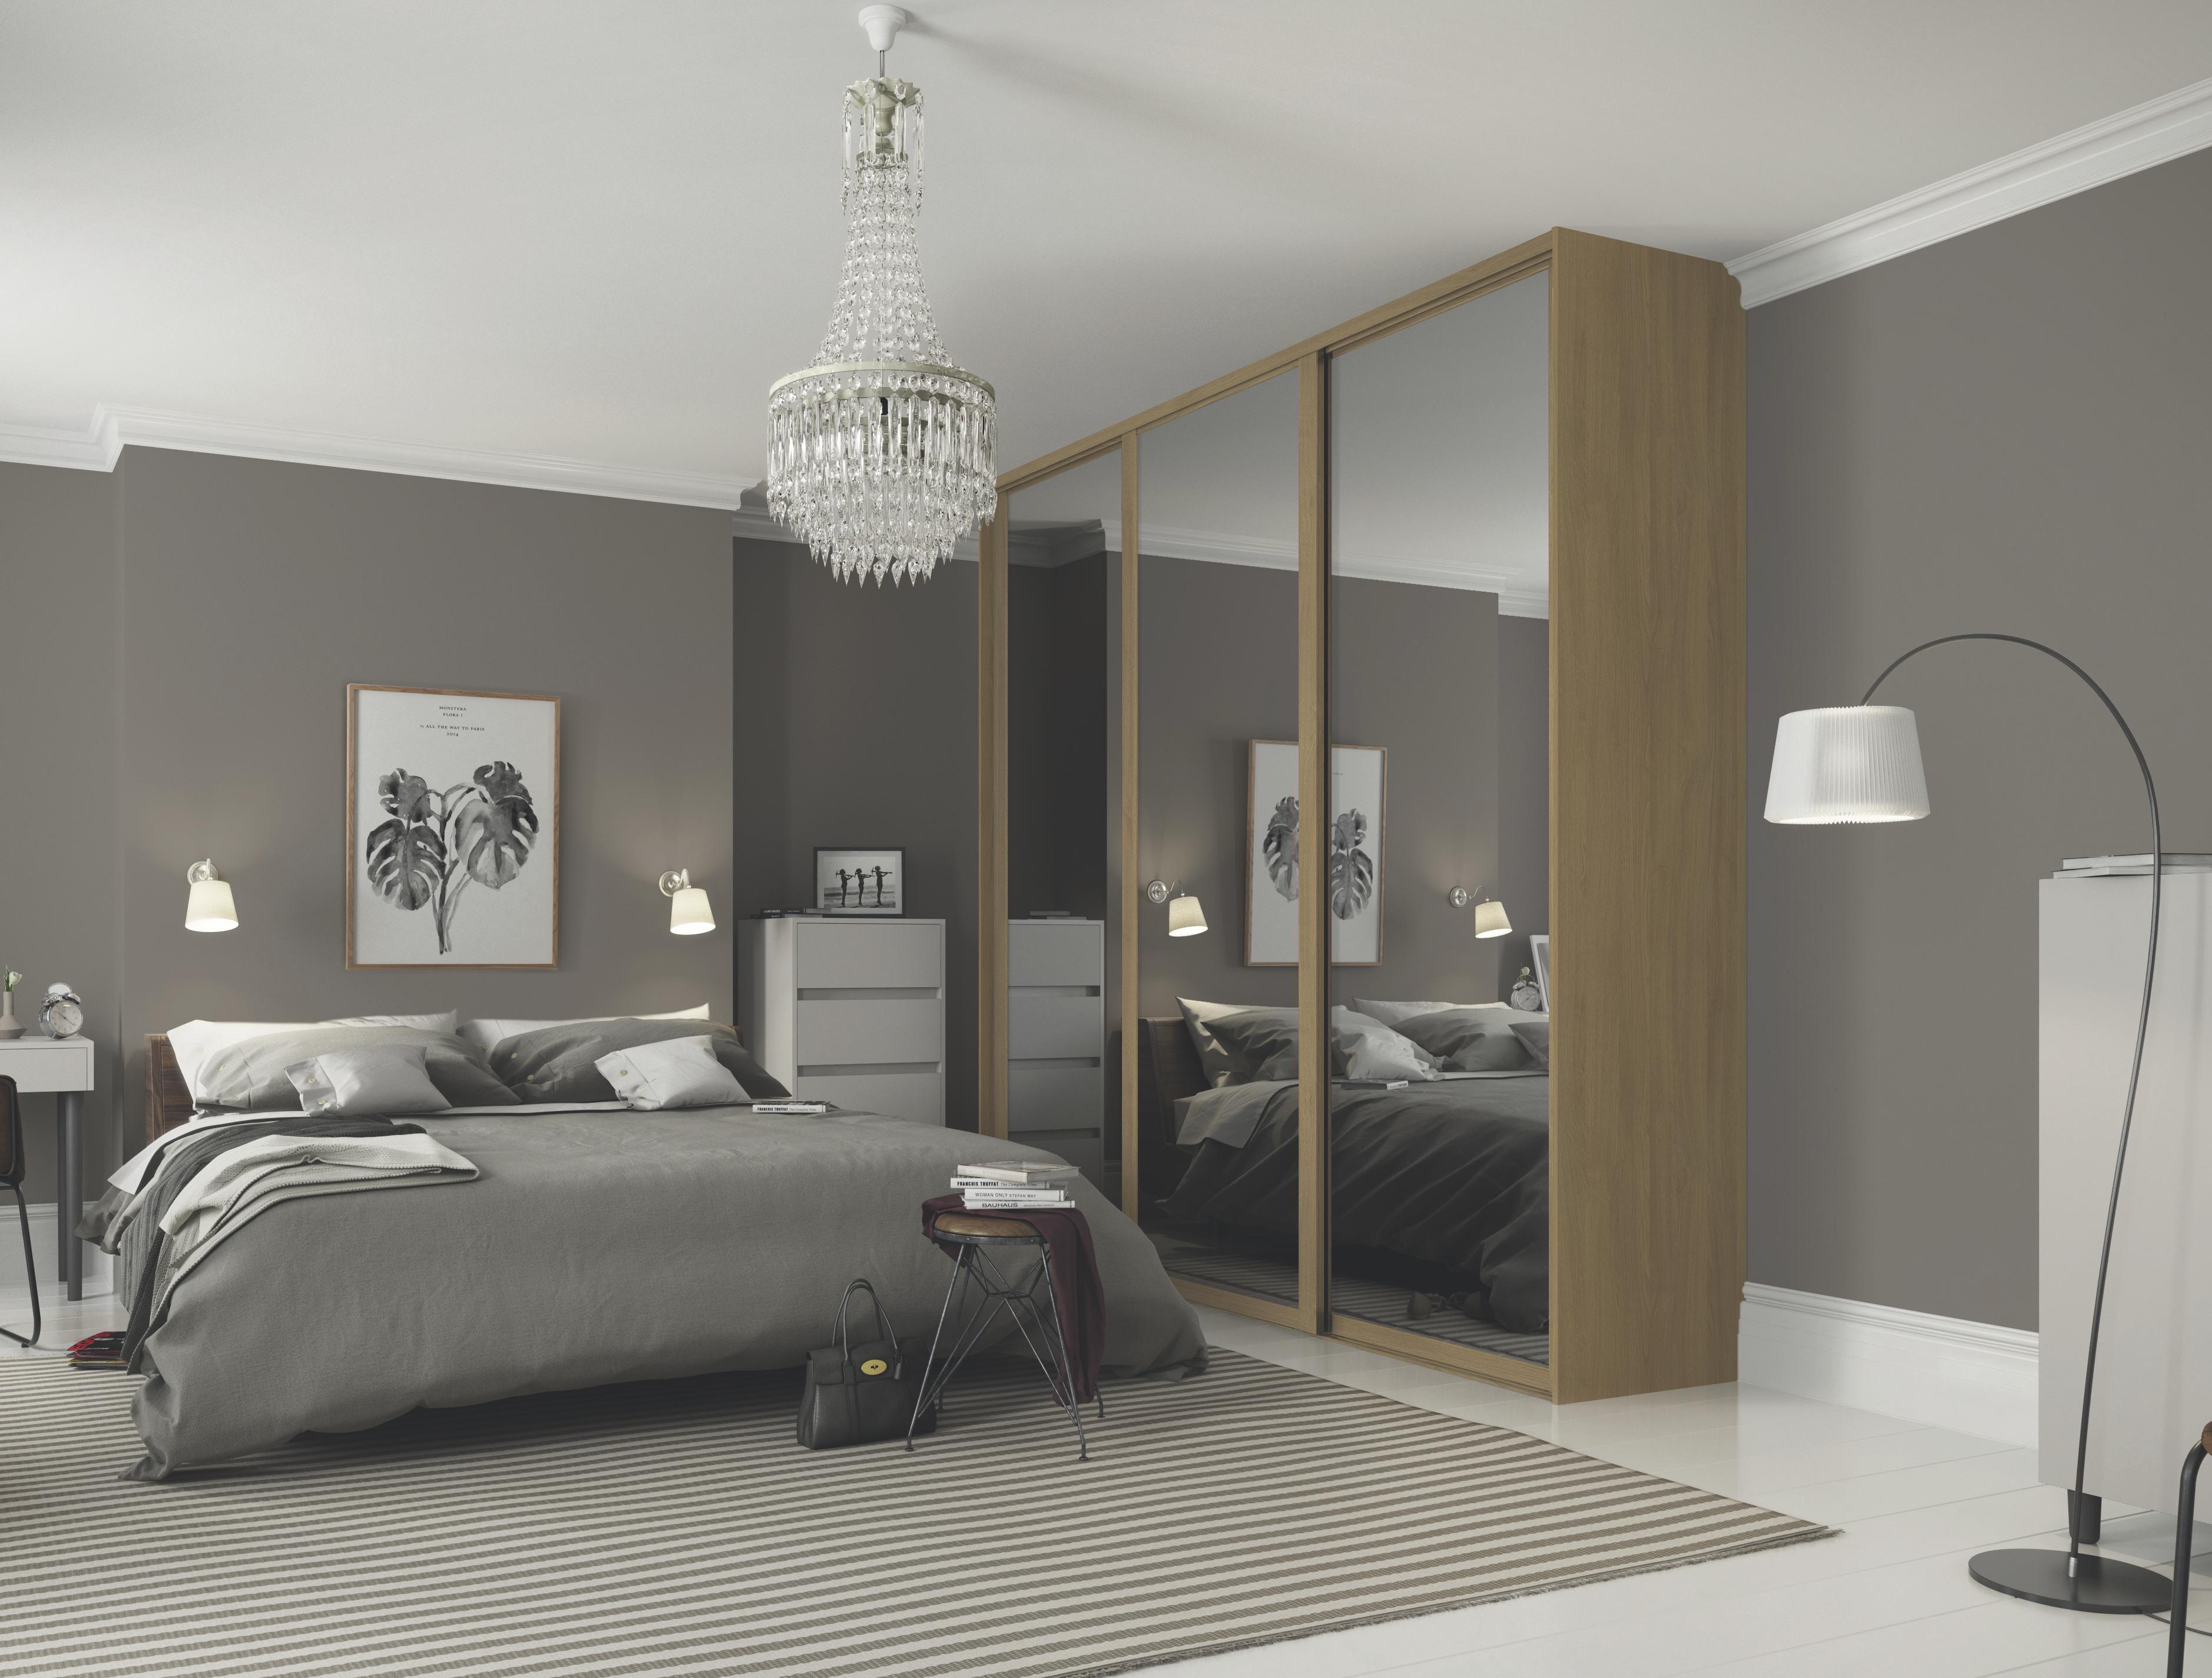 Sliding door wardrobes with mirror sliding door kits SGCHVJL